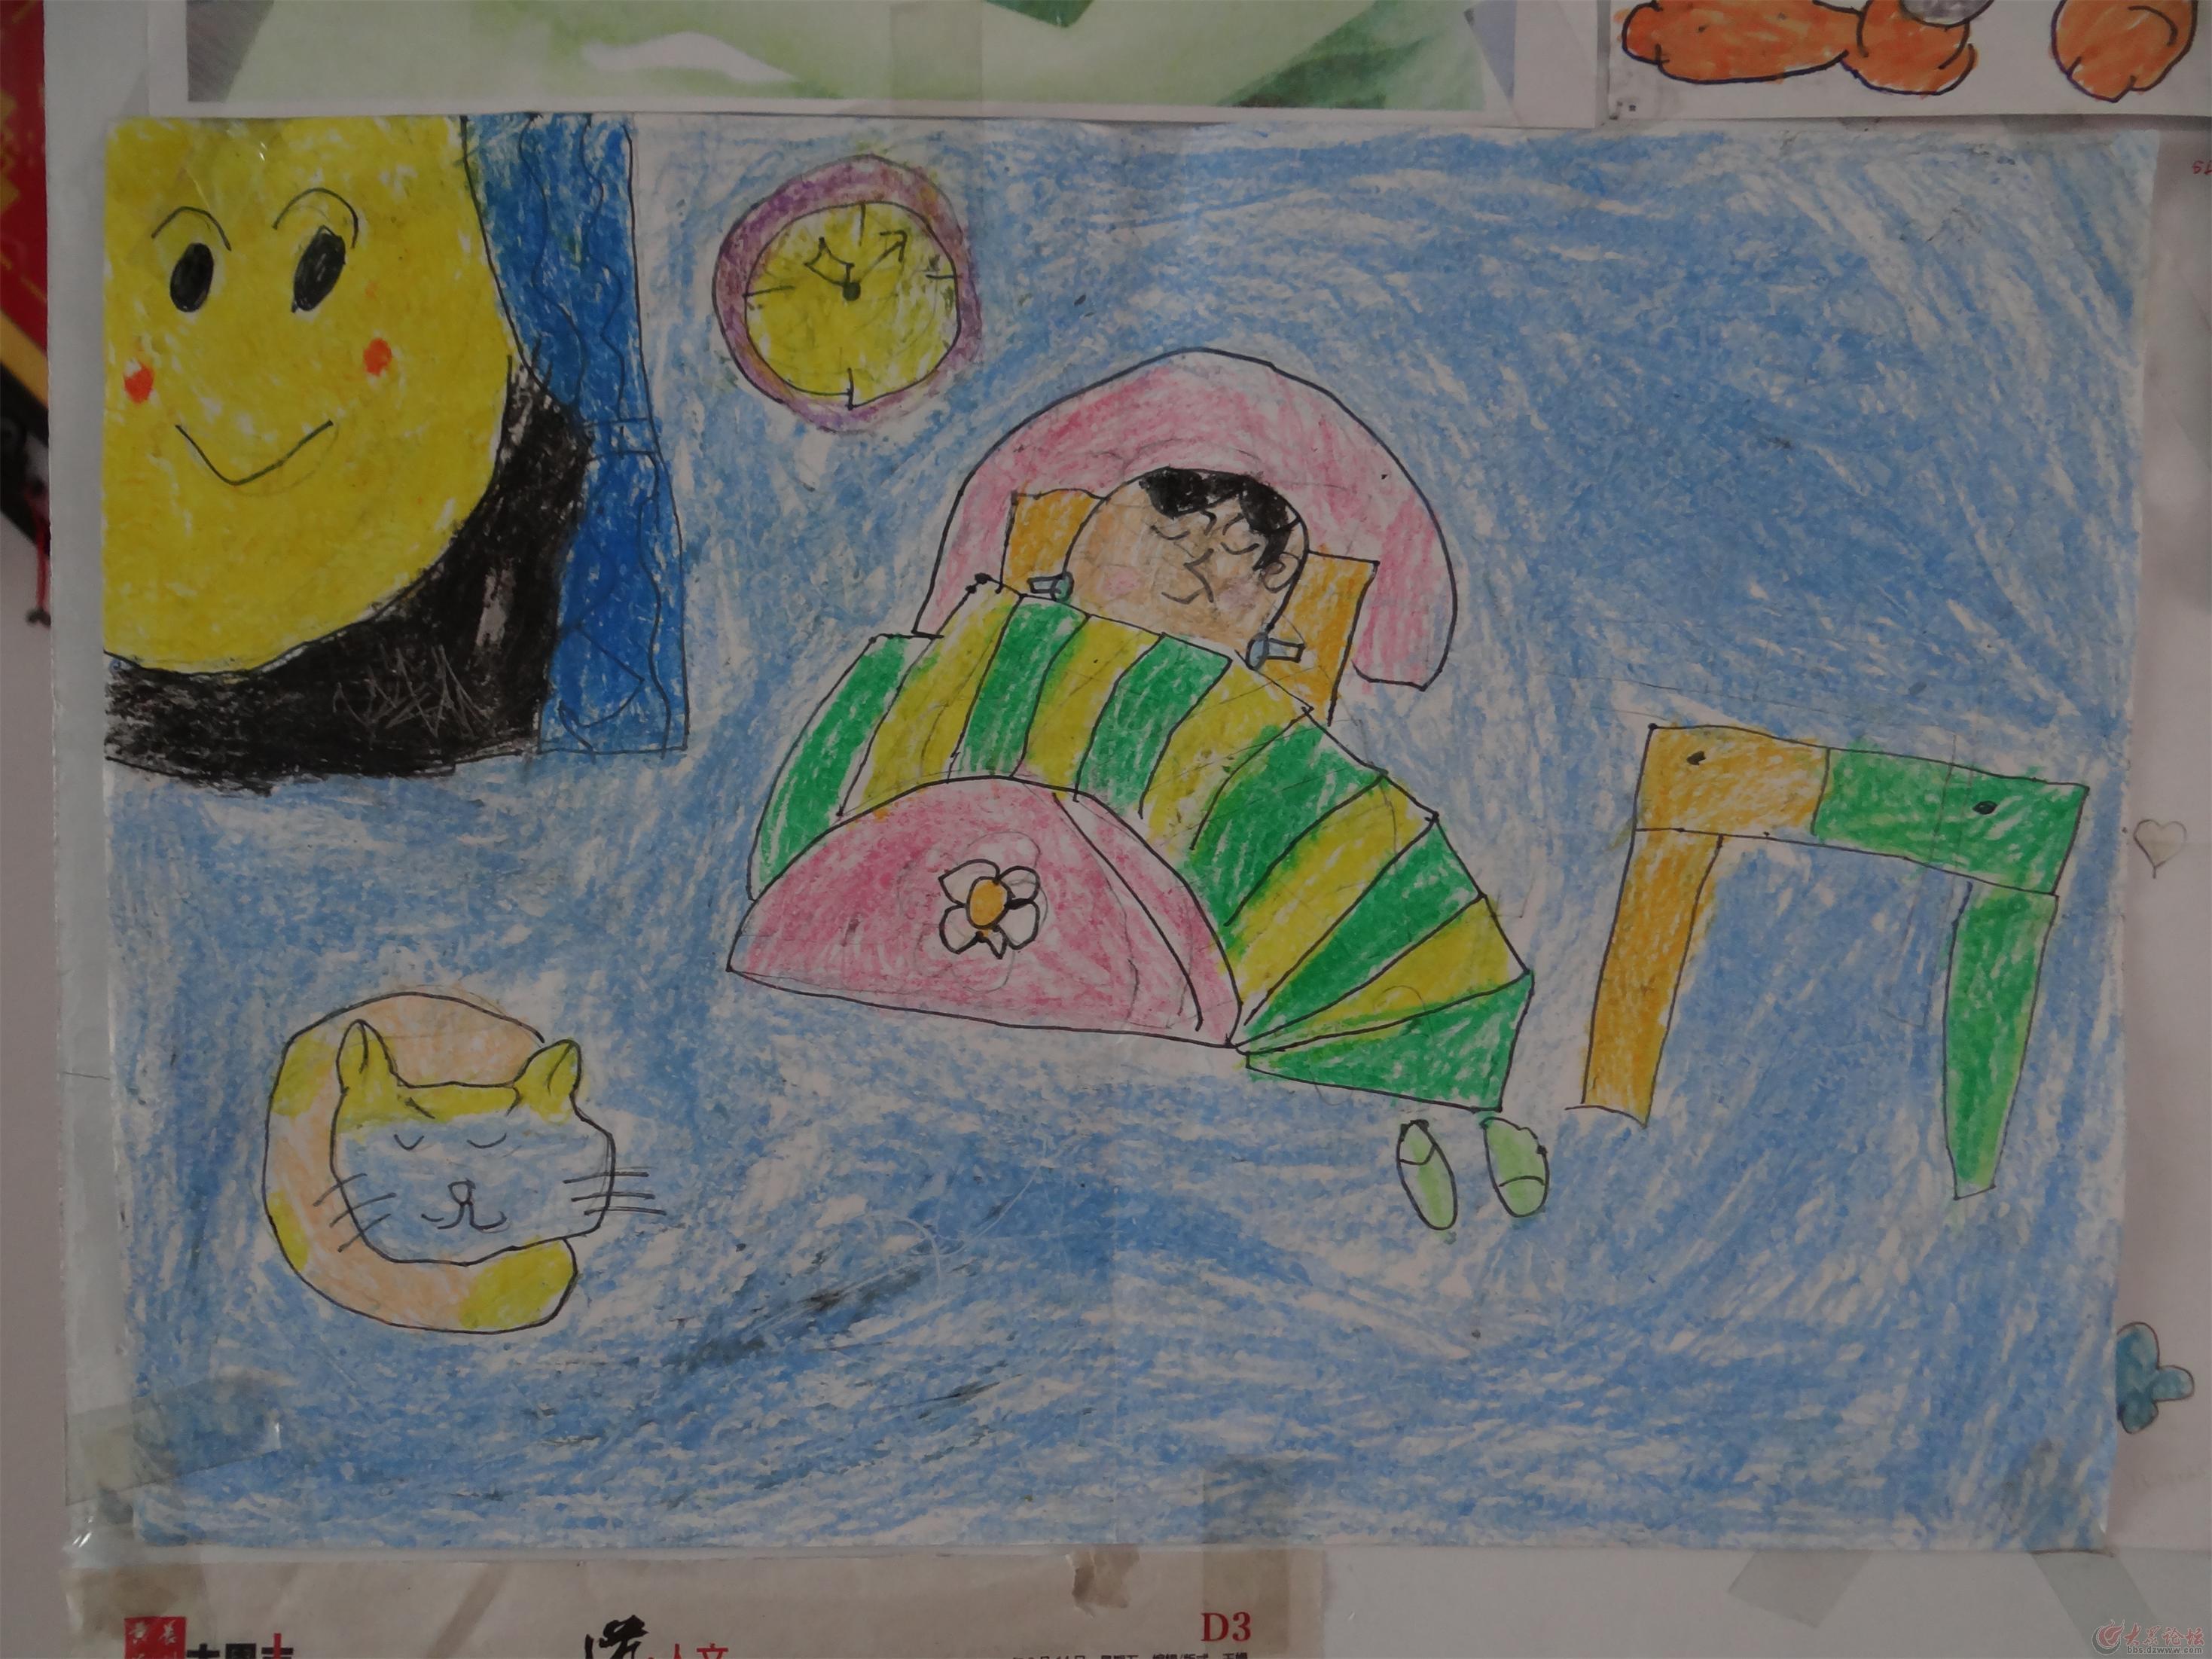 比赛作品 色彩画命题  教师创意美术作品_画画大全 幼儿教师优秀绘画